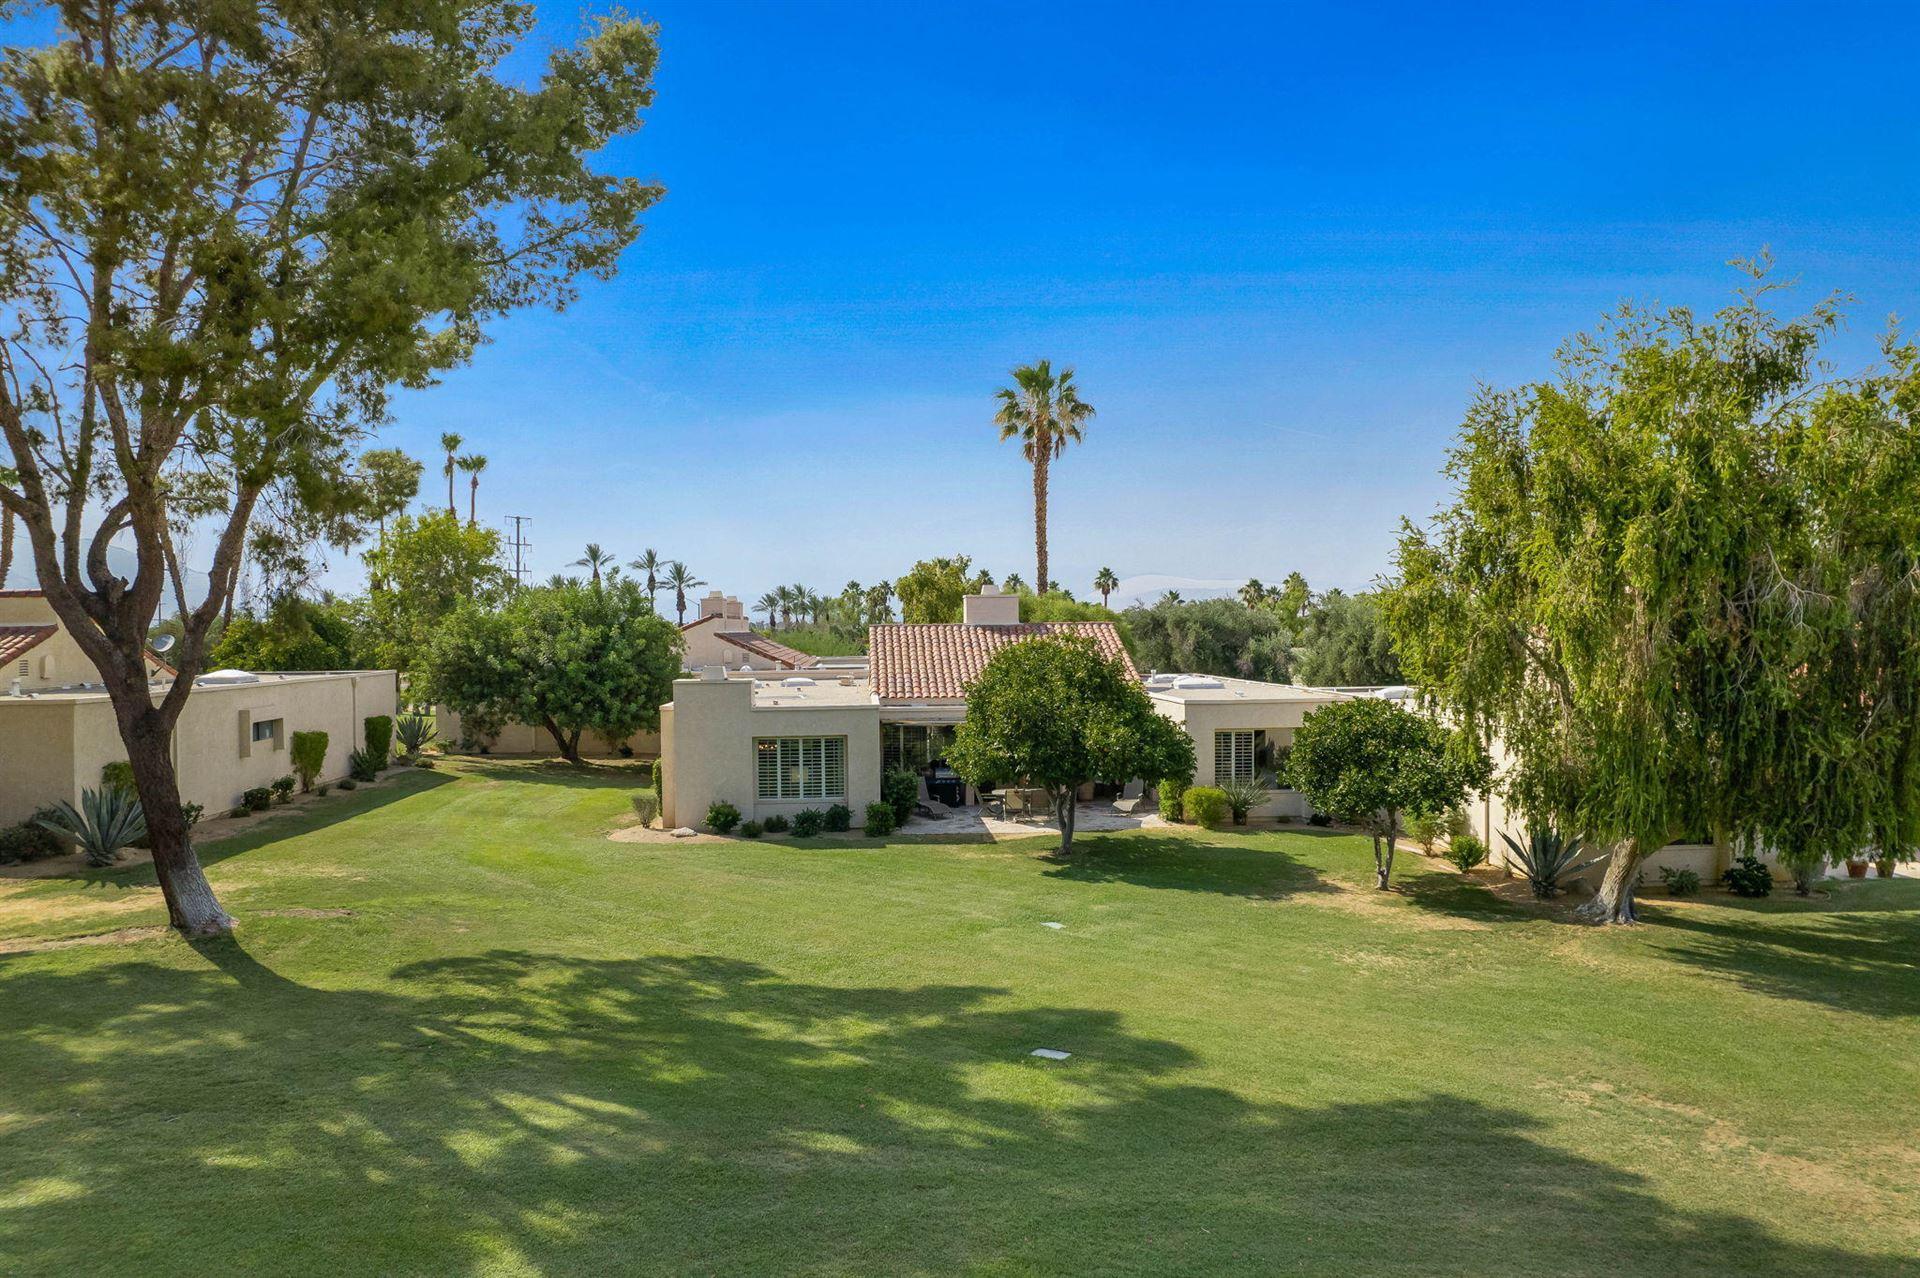 615 Desert West Drive, Rancho Mirage, CA 92270 - MLS#: 219064396